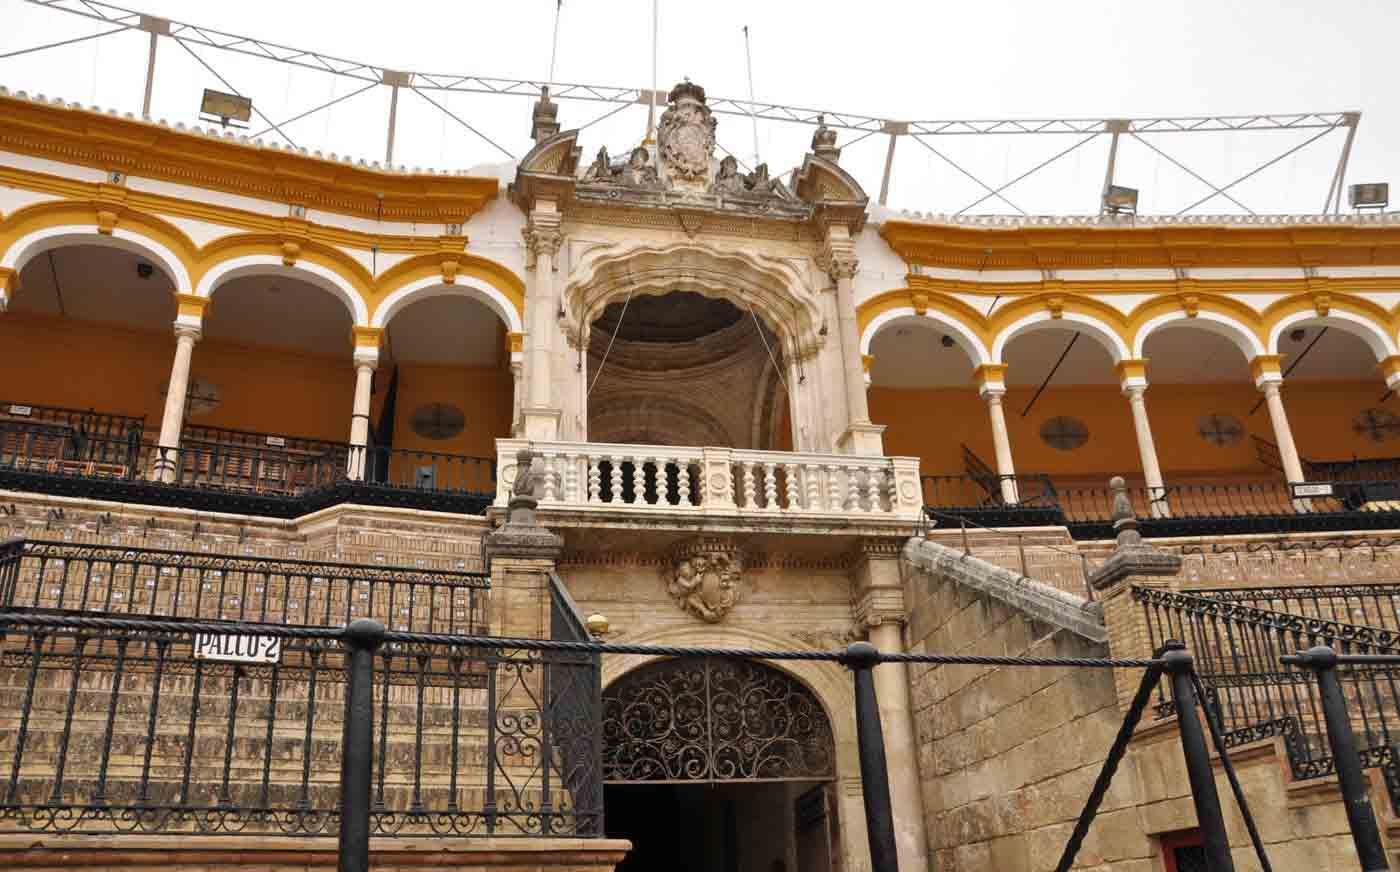 Plaza_de_Toros_de_la_Maestranza-interior